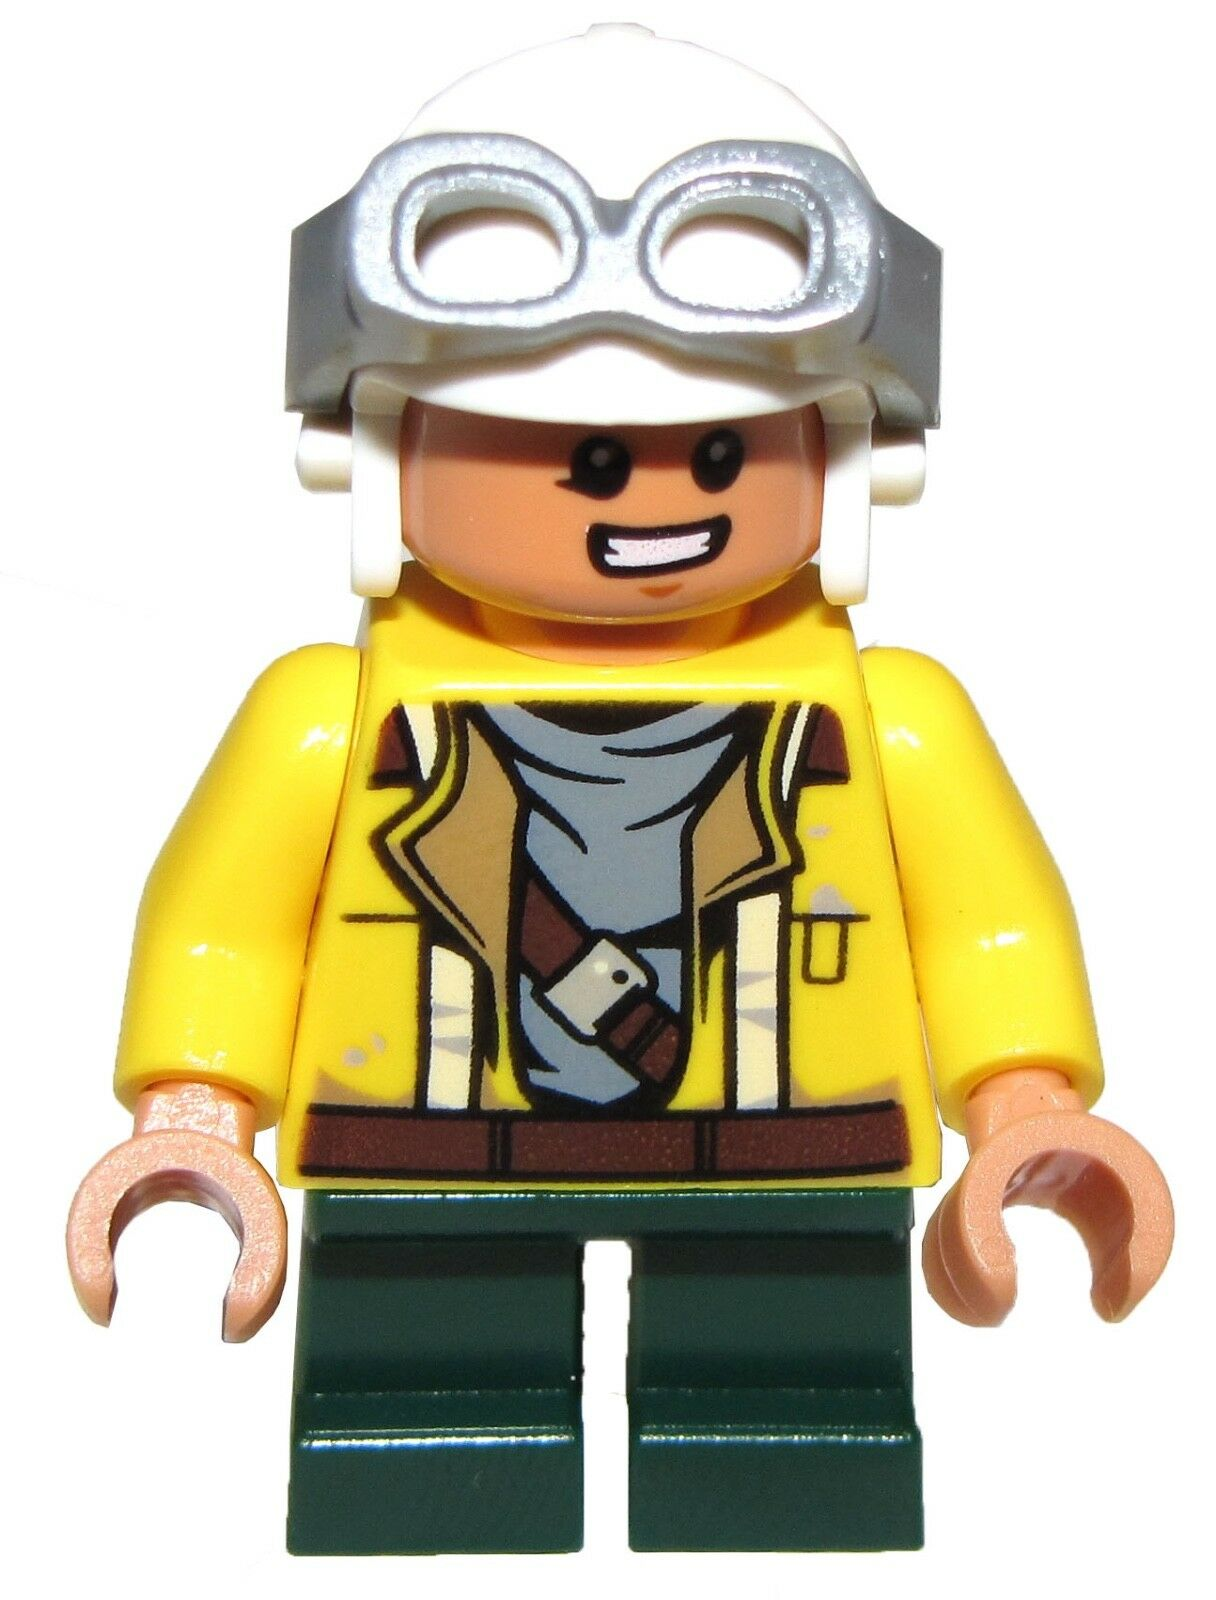 Lego Nouveau Rowan Casque et Lunettes Mini Figurine D'Ensemble 75147 | Soyez Bienvenus En Cours D'utilisation